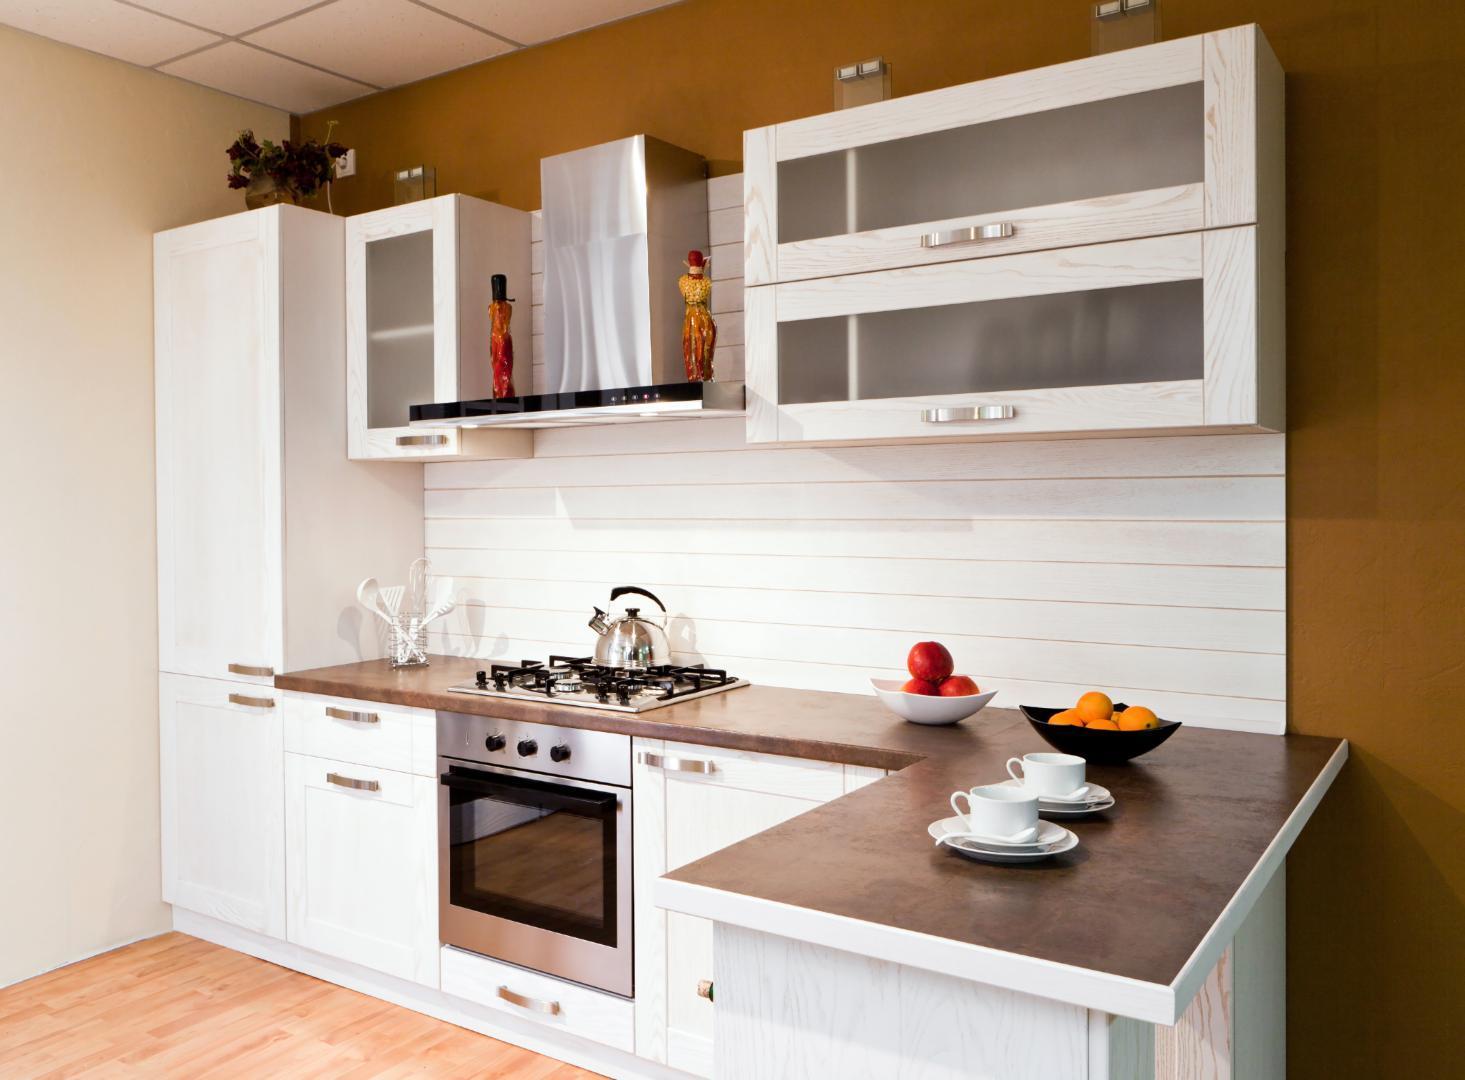 Decorateur interieur orleans cool cool gallery of - Cours de cuisine orleans ...